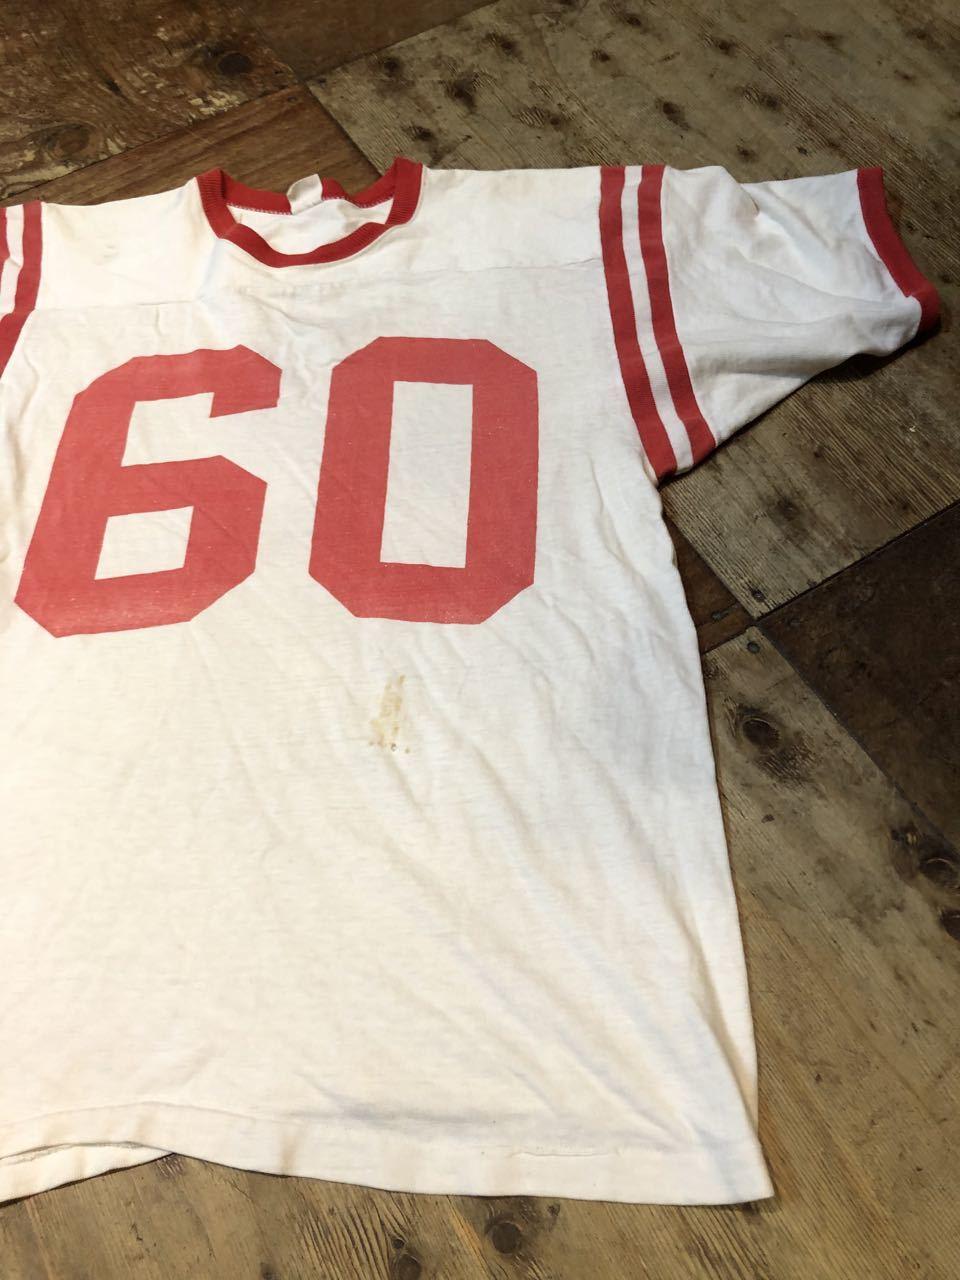 8月8日(土)入荷!60s 染み込みプリント!all cotton MASON Football T-shirts! /フットボール Tシャツ!_c0144020_15555880.jpg